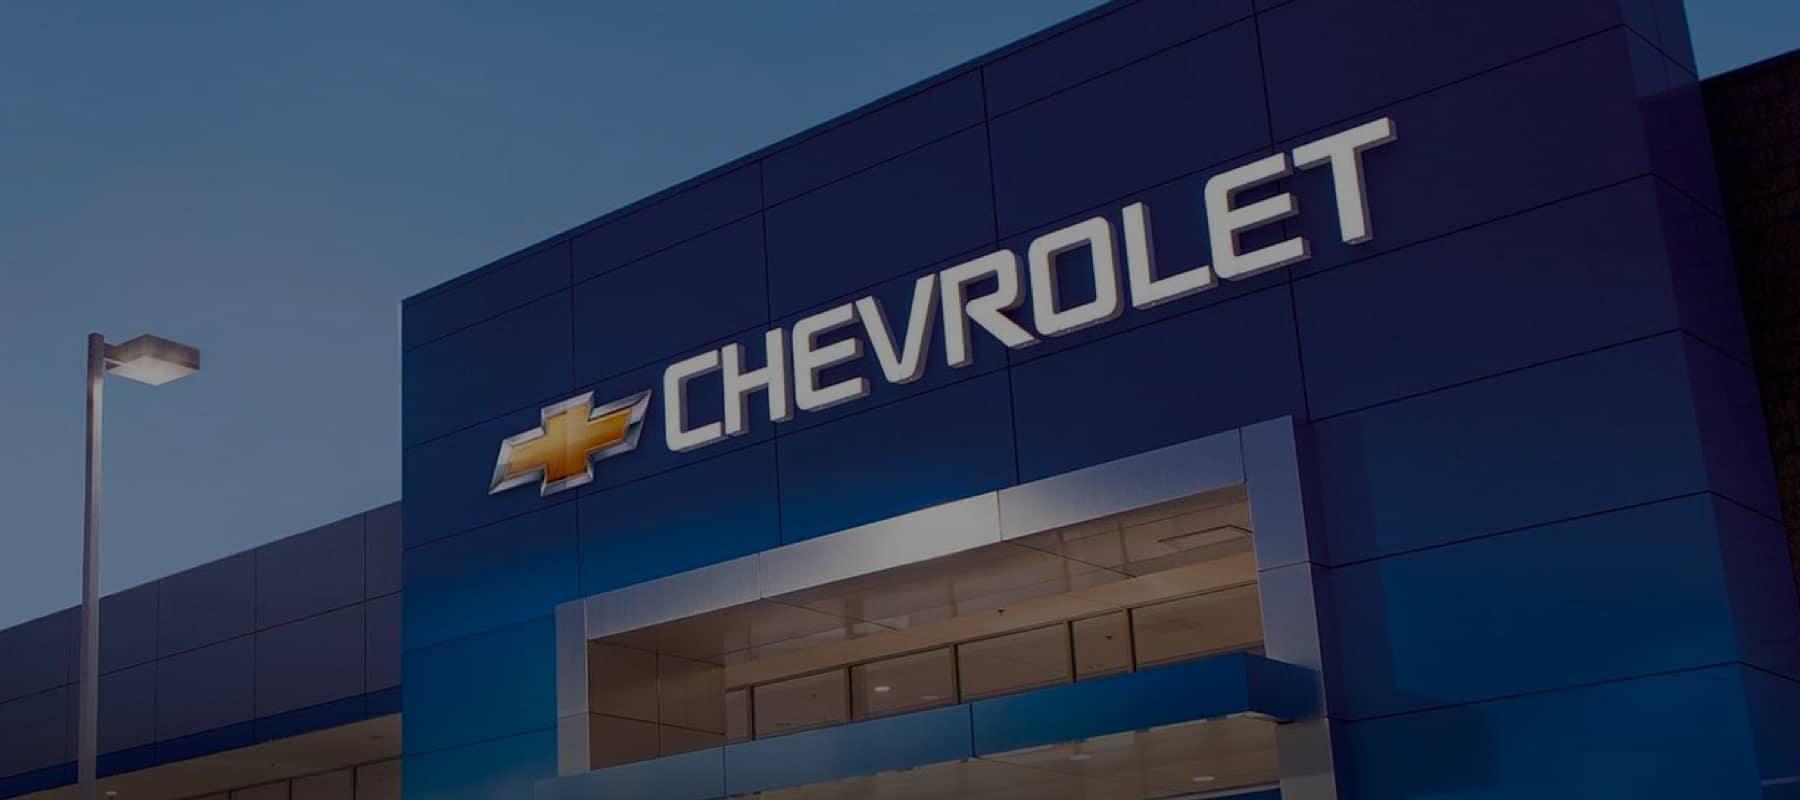 Chevrolet dealership image